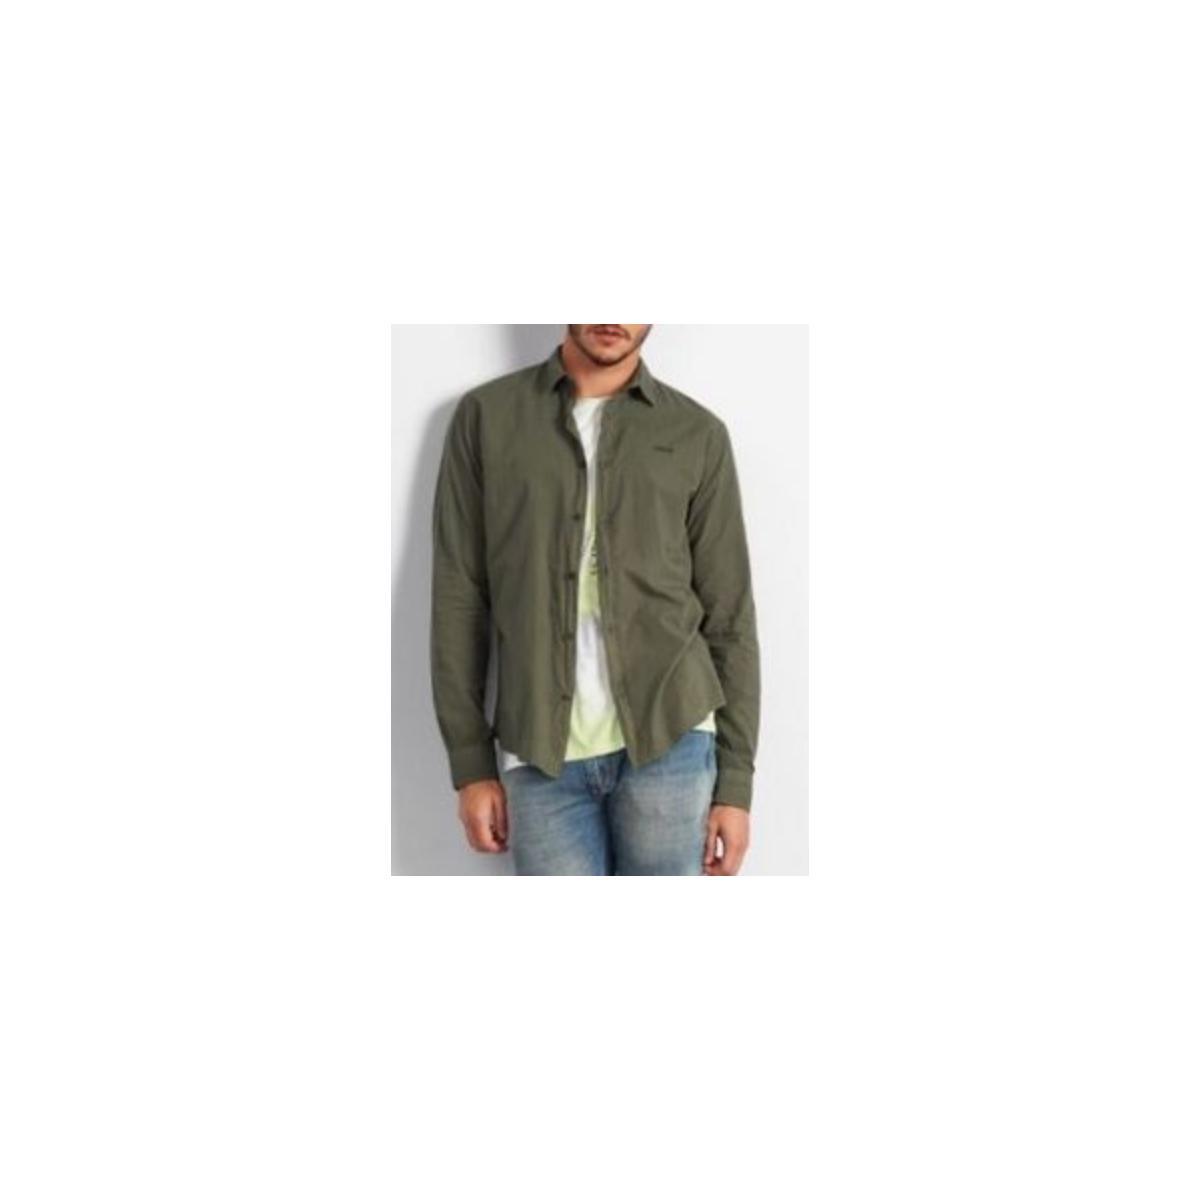 Camisa Masculina Colcci 310103725 39009 Verde